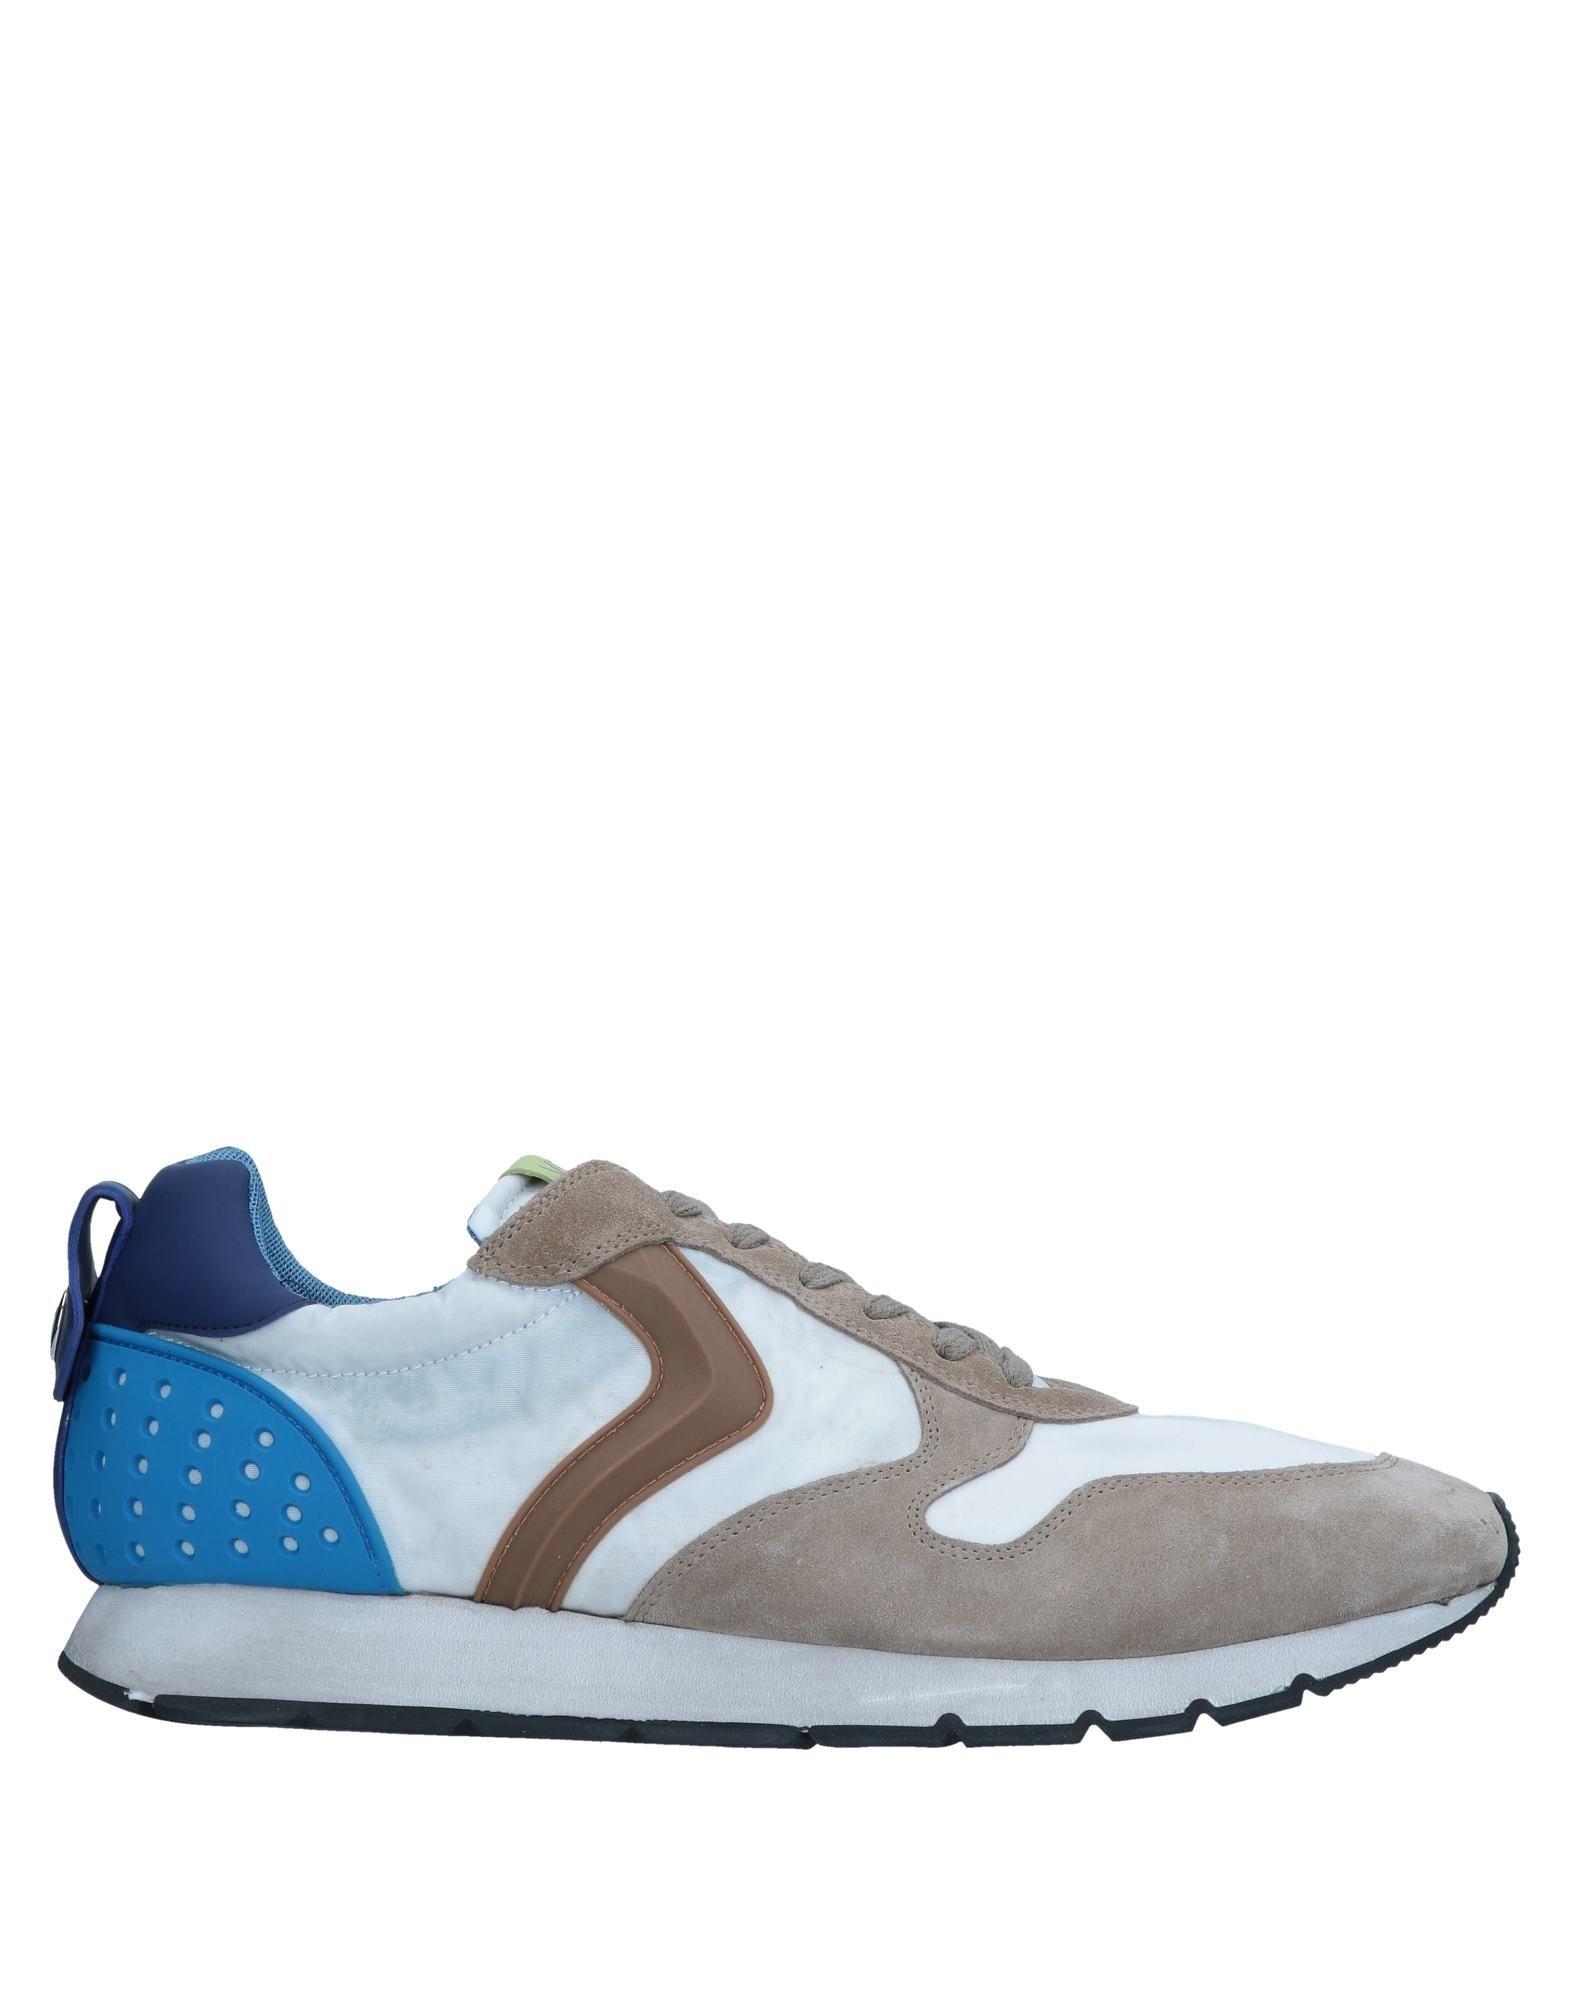 Voile Blanche Sneakers Herren  11545484WF Gute Qualität beliebte Schuhe